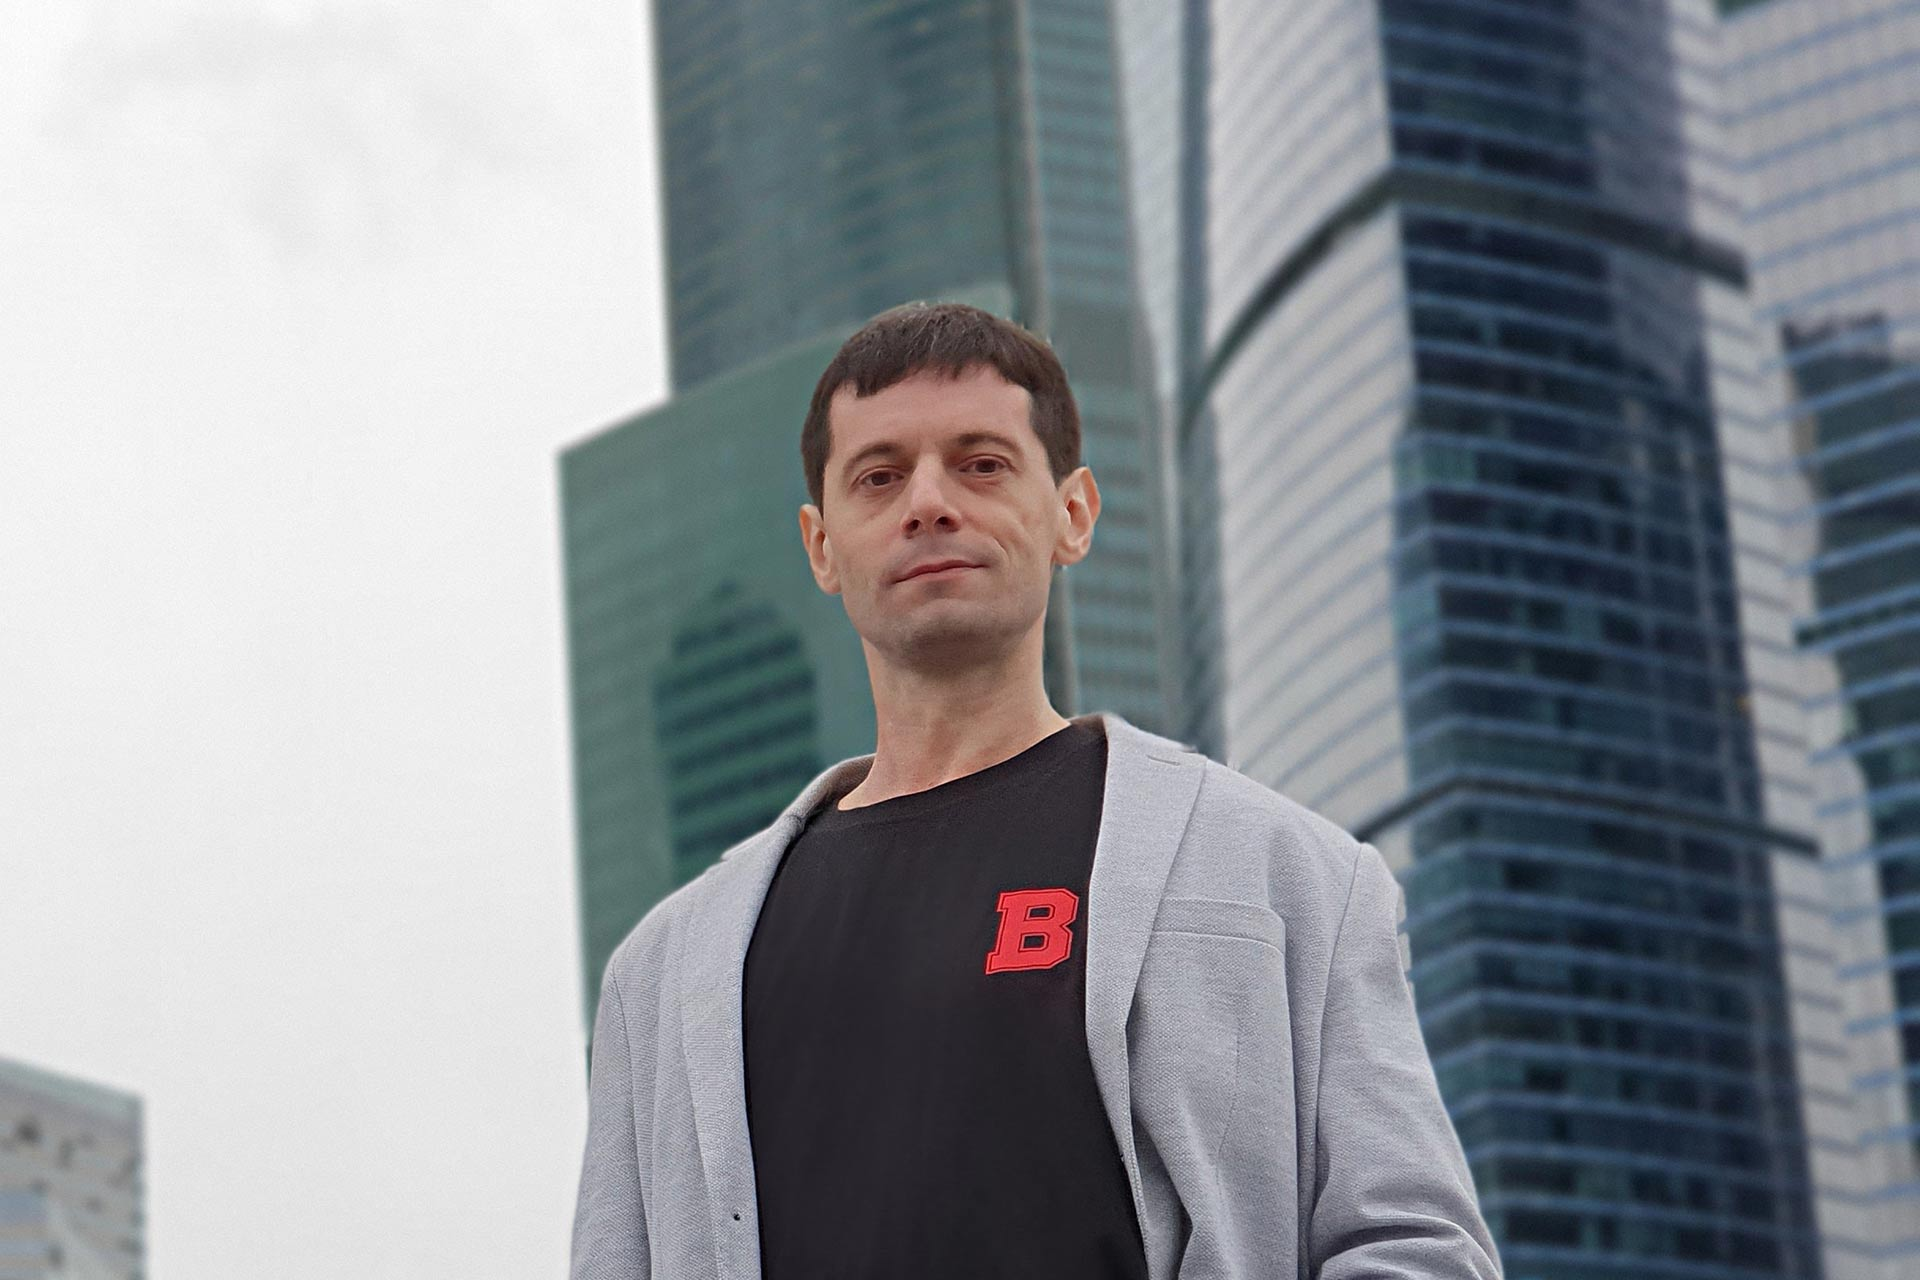 Дмитрий Дюковский. Как привлекать клиентов через публичные выступления